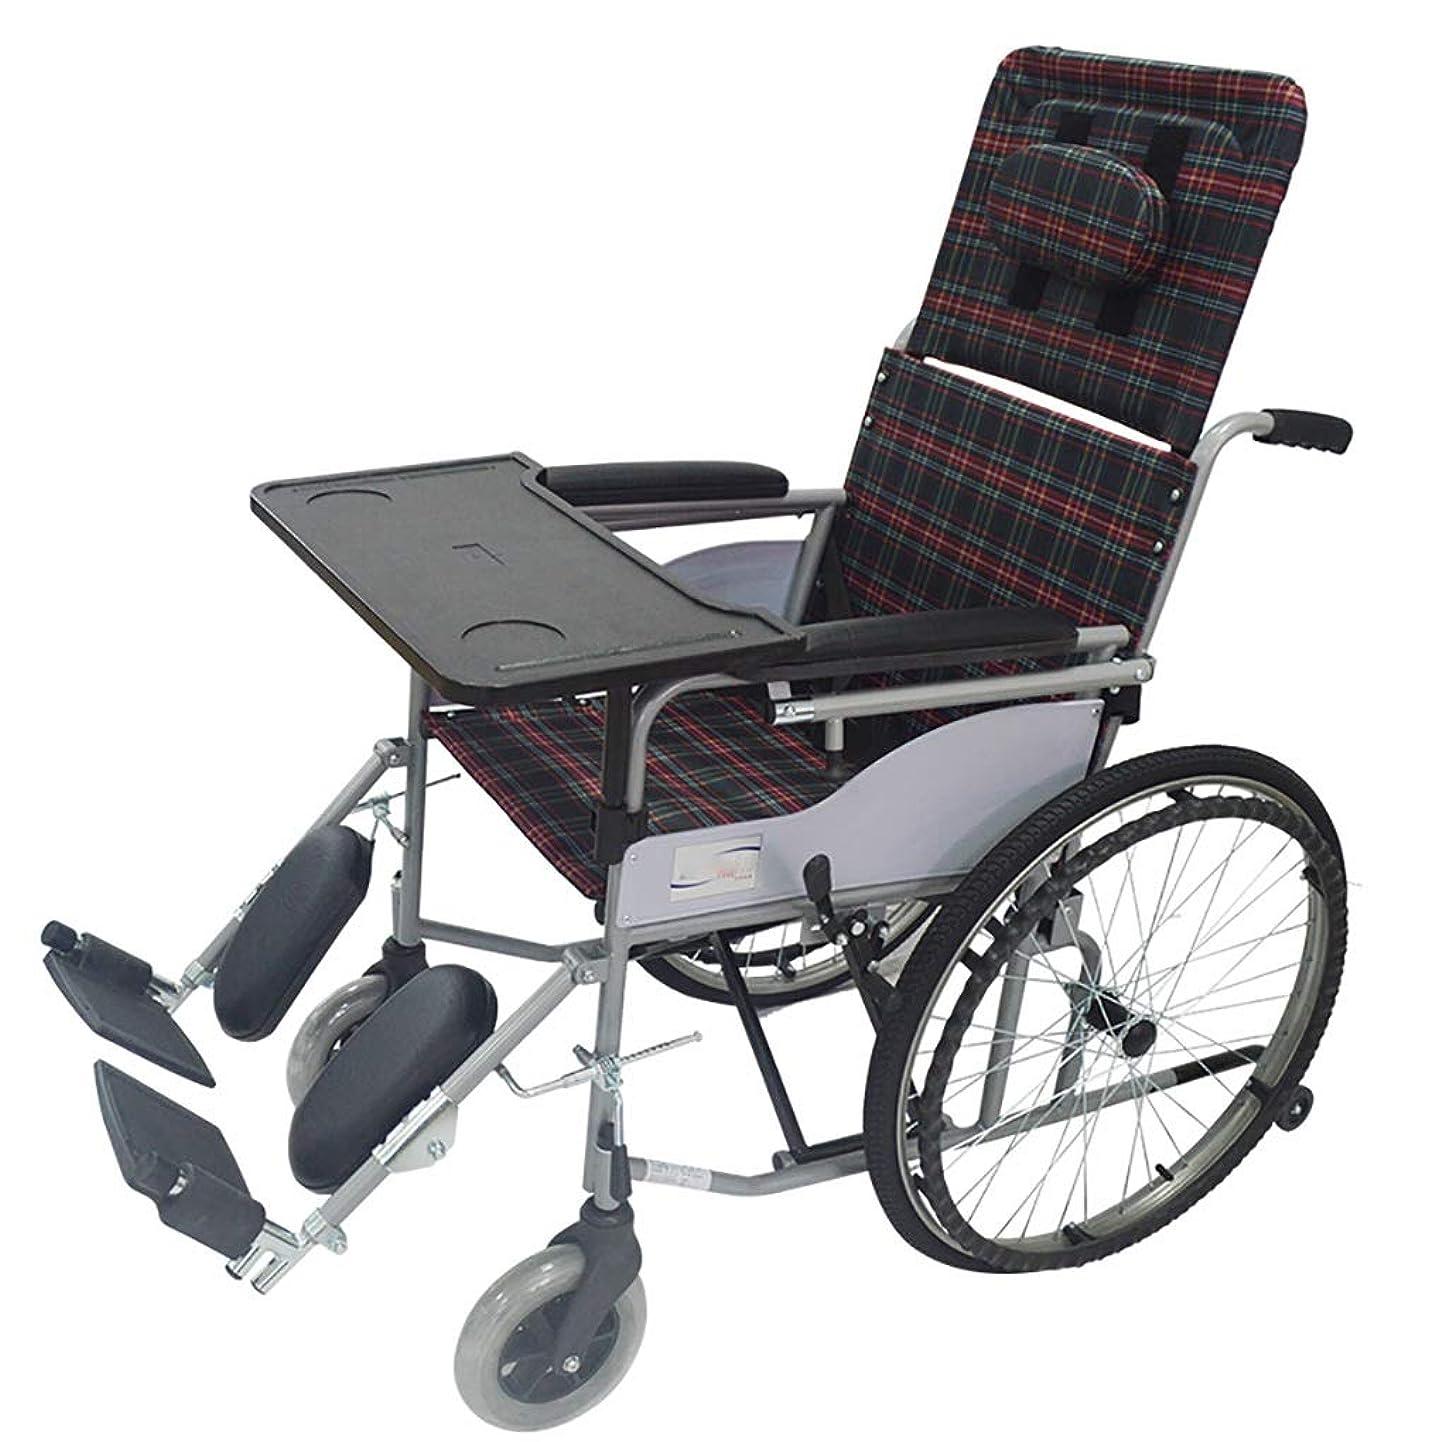 開拓者メガロポリス予備TLMY 車椅子ポータブル旅行チェアフルリクライニングライト折りたたみ車椅子アルミ合金キャリング高齢者用パワートロリーレザー生地 歩行補助器具